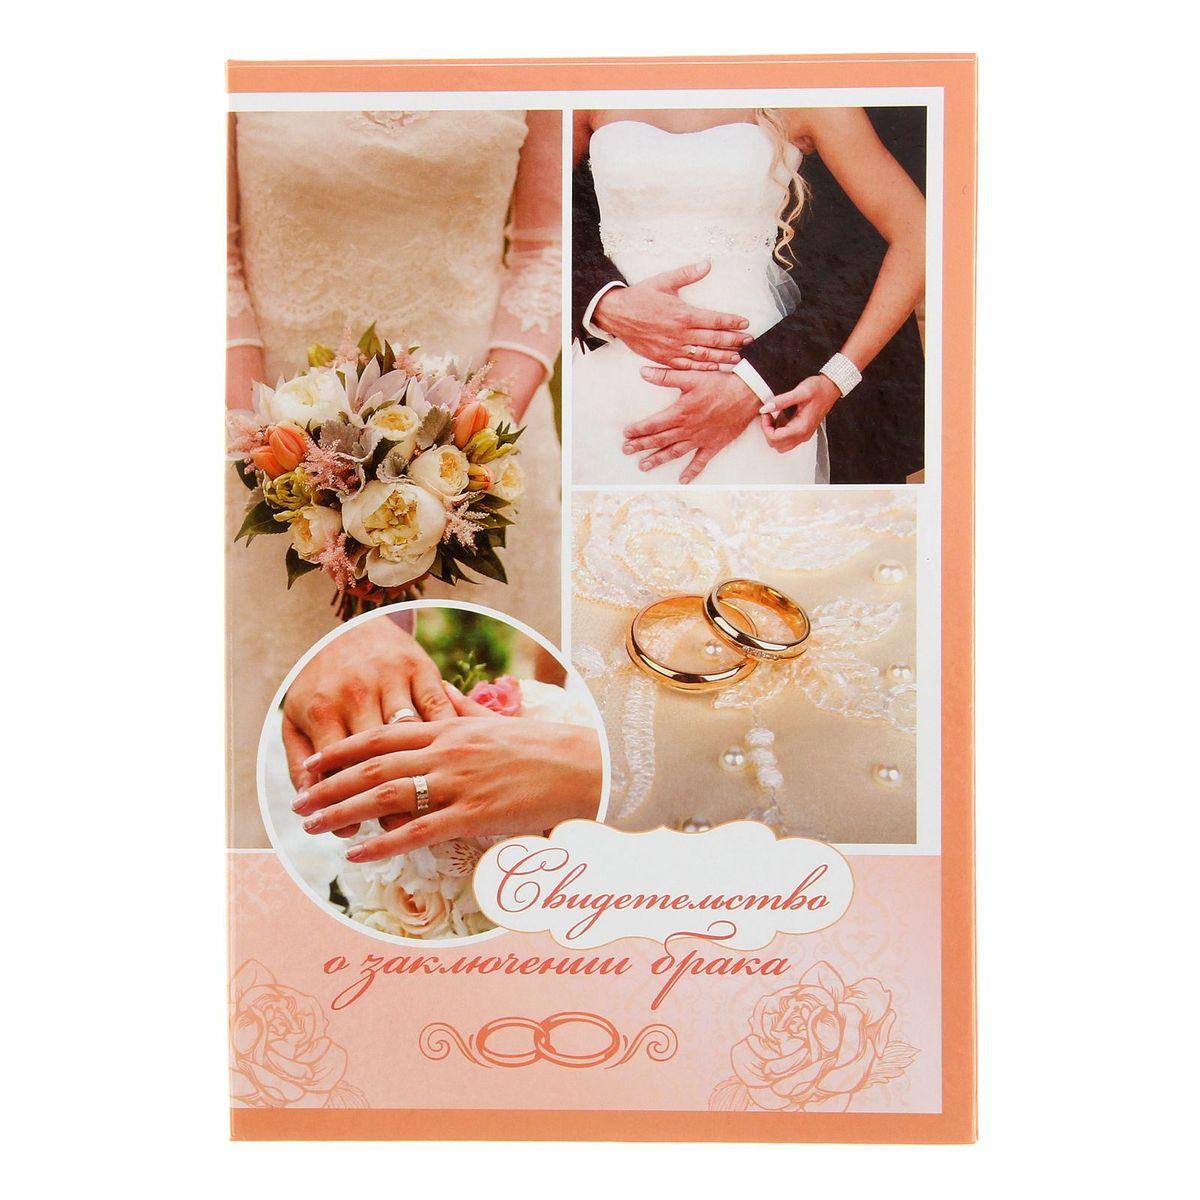 Папка для свидетельства о заключении брака Sima-land Коллаж руки, 0,3 x 20,5 x 14,2 см531-401Папка для свидетельства о заключении брака - наилучшее обрамление первого совместного документа молодой семьи. Она подчеркнёт торжественность бракосочетания и будет напоминать вам о светлом дне свадьбы!Папка формата А5 из ламинированного картона имеет удобный файл внутри (27 х 20 см), который бережно сохранит столь важный документ в первозданном виде.Интересный дизайн обложки душевные пожелания создадут отличное настроение новобрачным. Выберите этот аксессуар себе или подарите друзьям. Папка станет хорошим презентом на свадьбу или её годовщину.